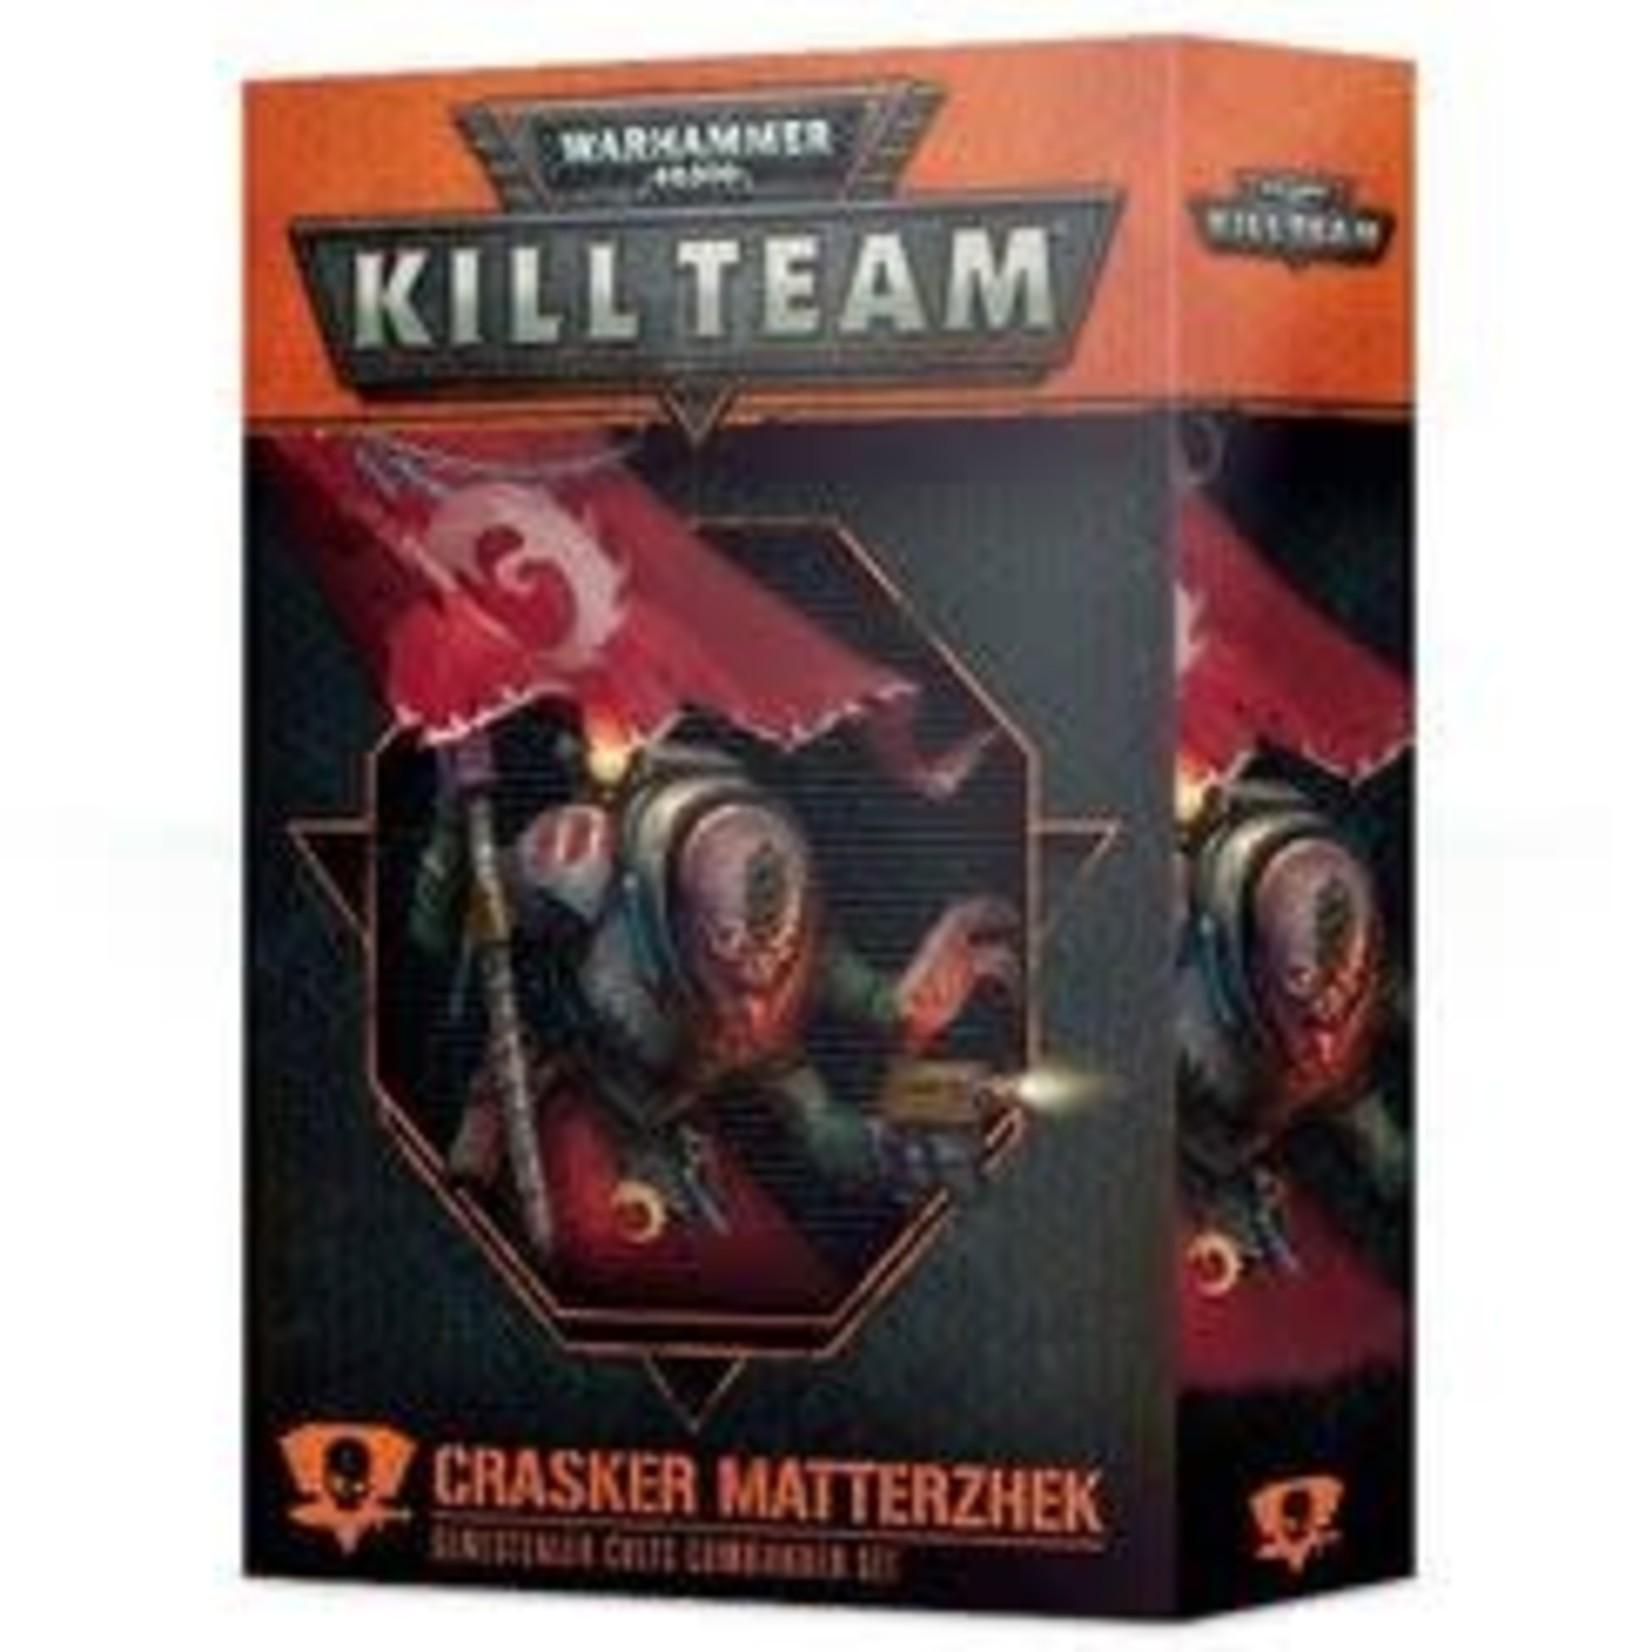 Kill Team Crasker Matterzhek (40K)